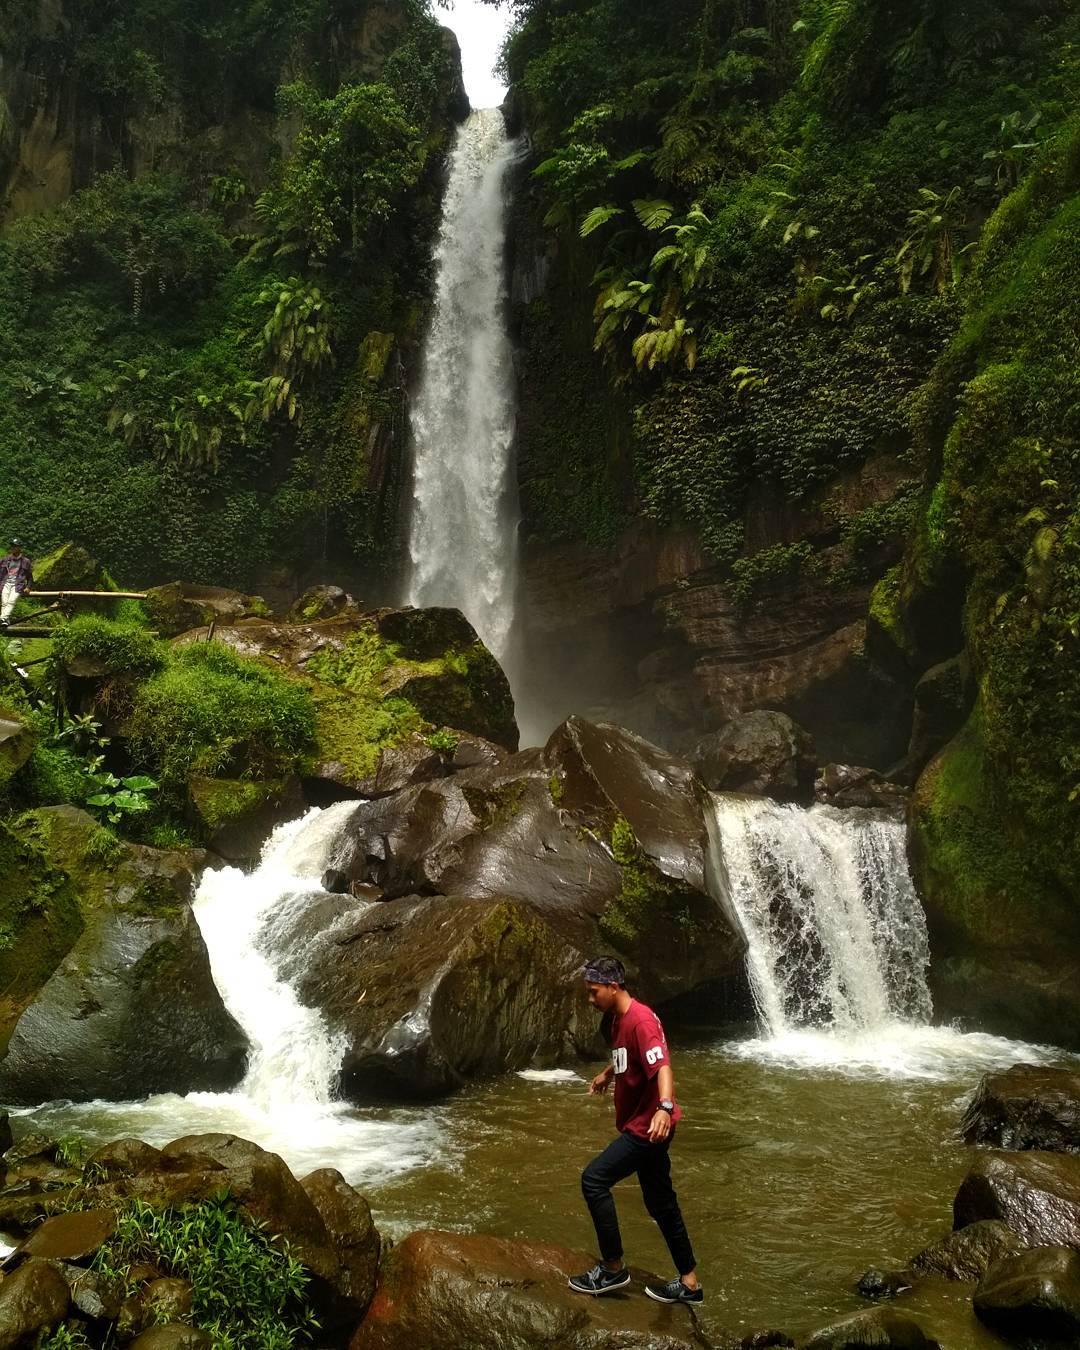 Air Terjun Mendekatkan Dolaners dengan Alam, Malang, Malang Raya, Dolan Dolen, Dolaners Air Terjun yang Mendekatkan Dolaners dengan Alam via n - Dolan Dolen